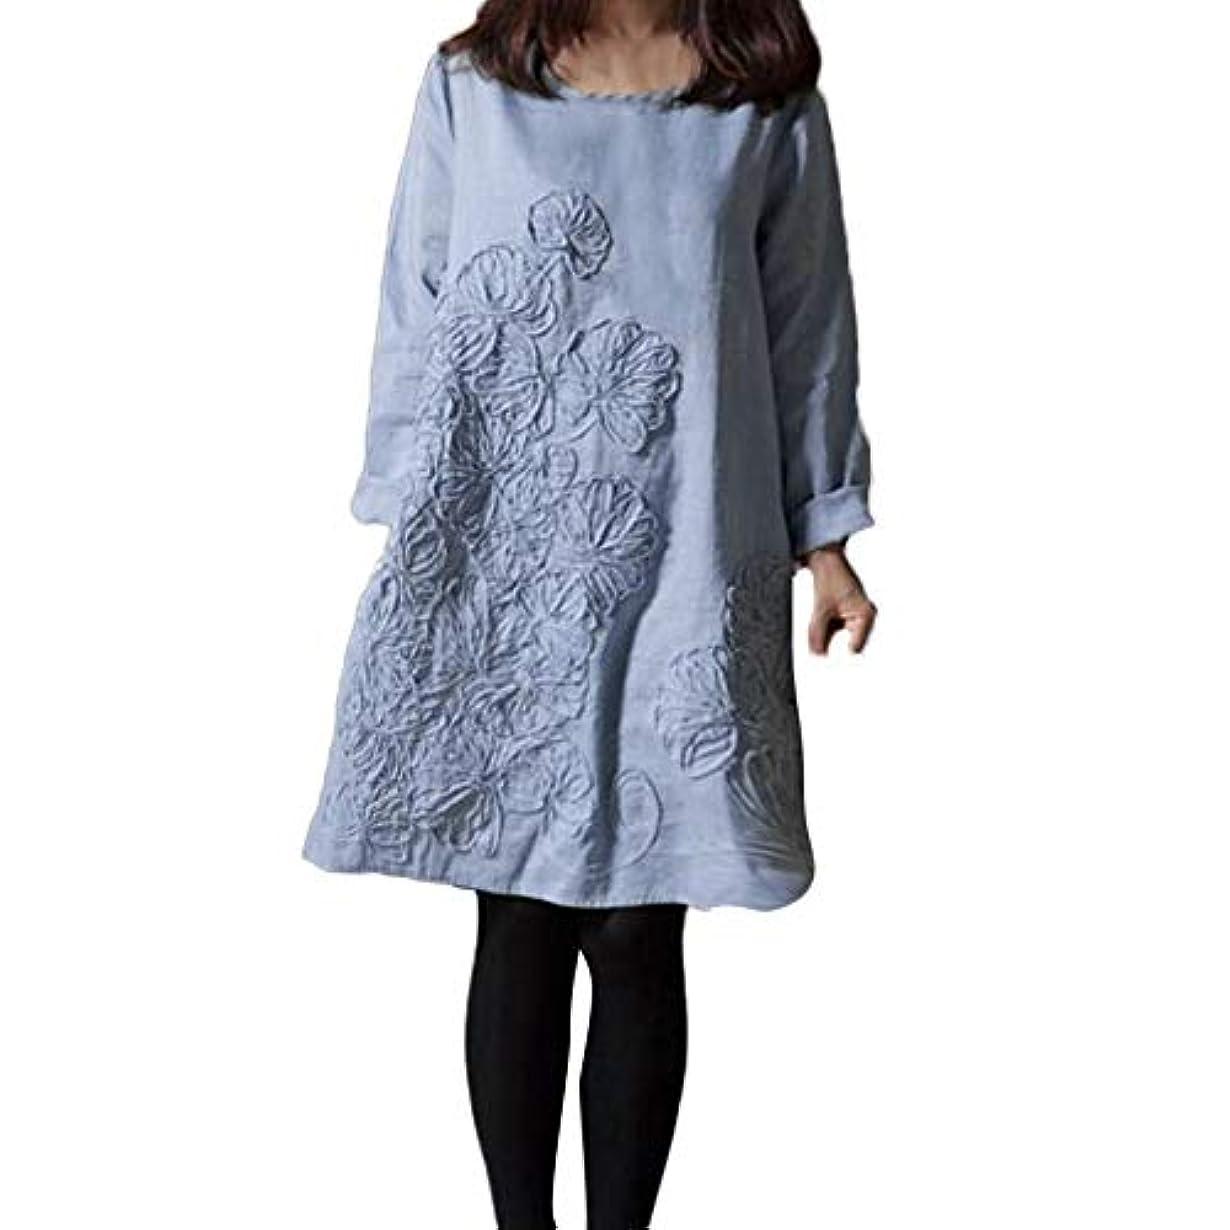 自己サイクルジャズ女性ドレス 棉麻 YOKINO 花柄 刺繍 ゆったり 体型カバー 森ガール ゆったり 着痩せ レディース白ワンピース 大人 ワンピース 春 夏 秋 ワンピース 大きいサイズ ゆったり 着痩せ